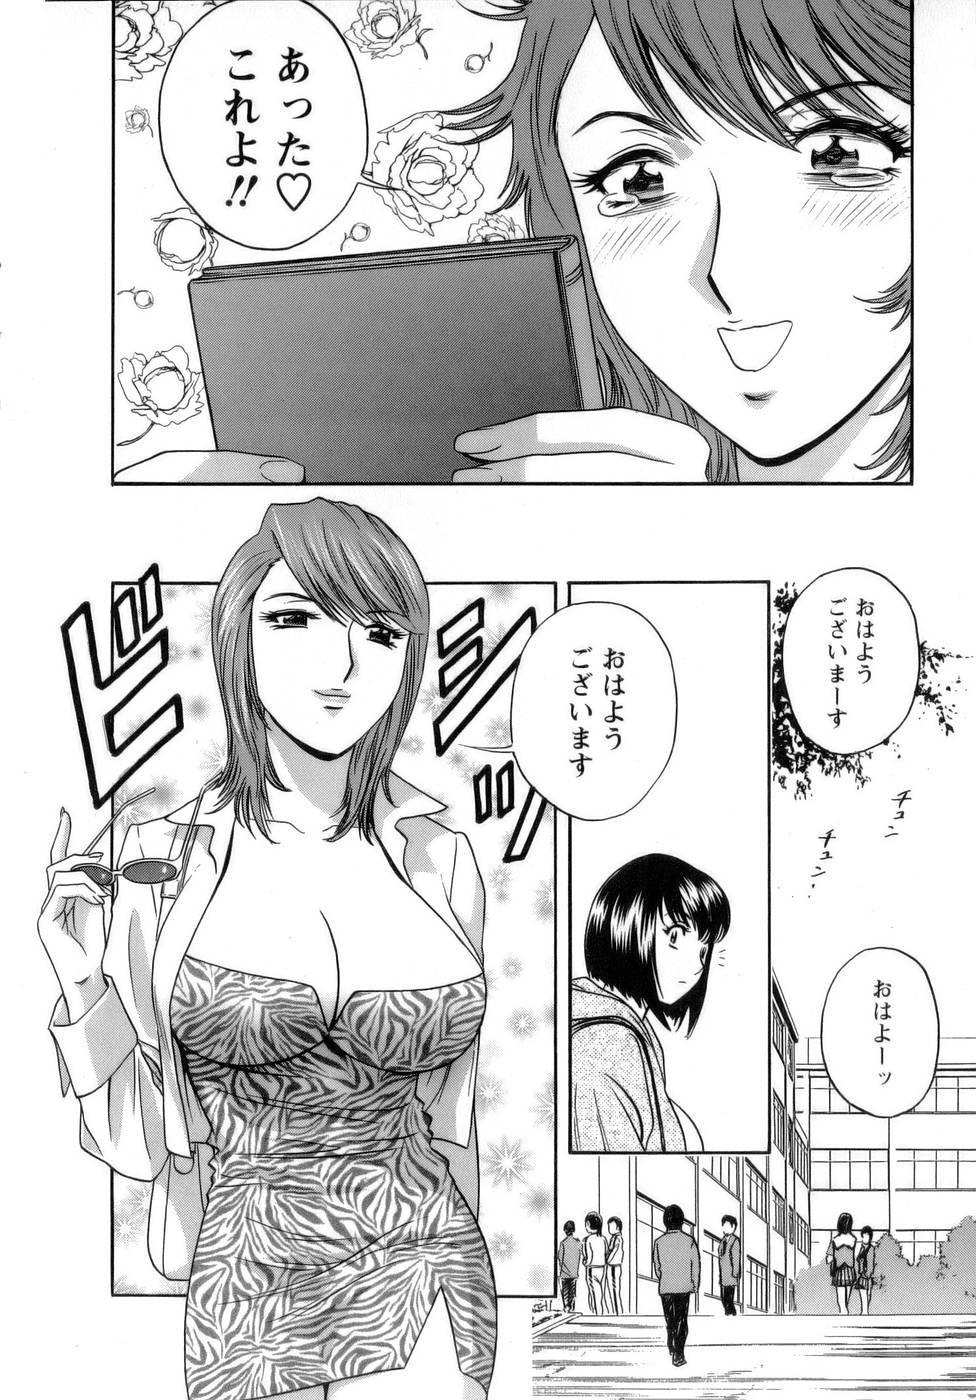 [Hidemaru] Mo-Retsu! Boin Sensei (Boing Boing Teacher) Vol.1 157